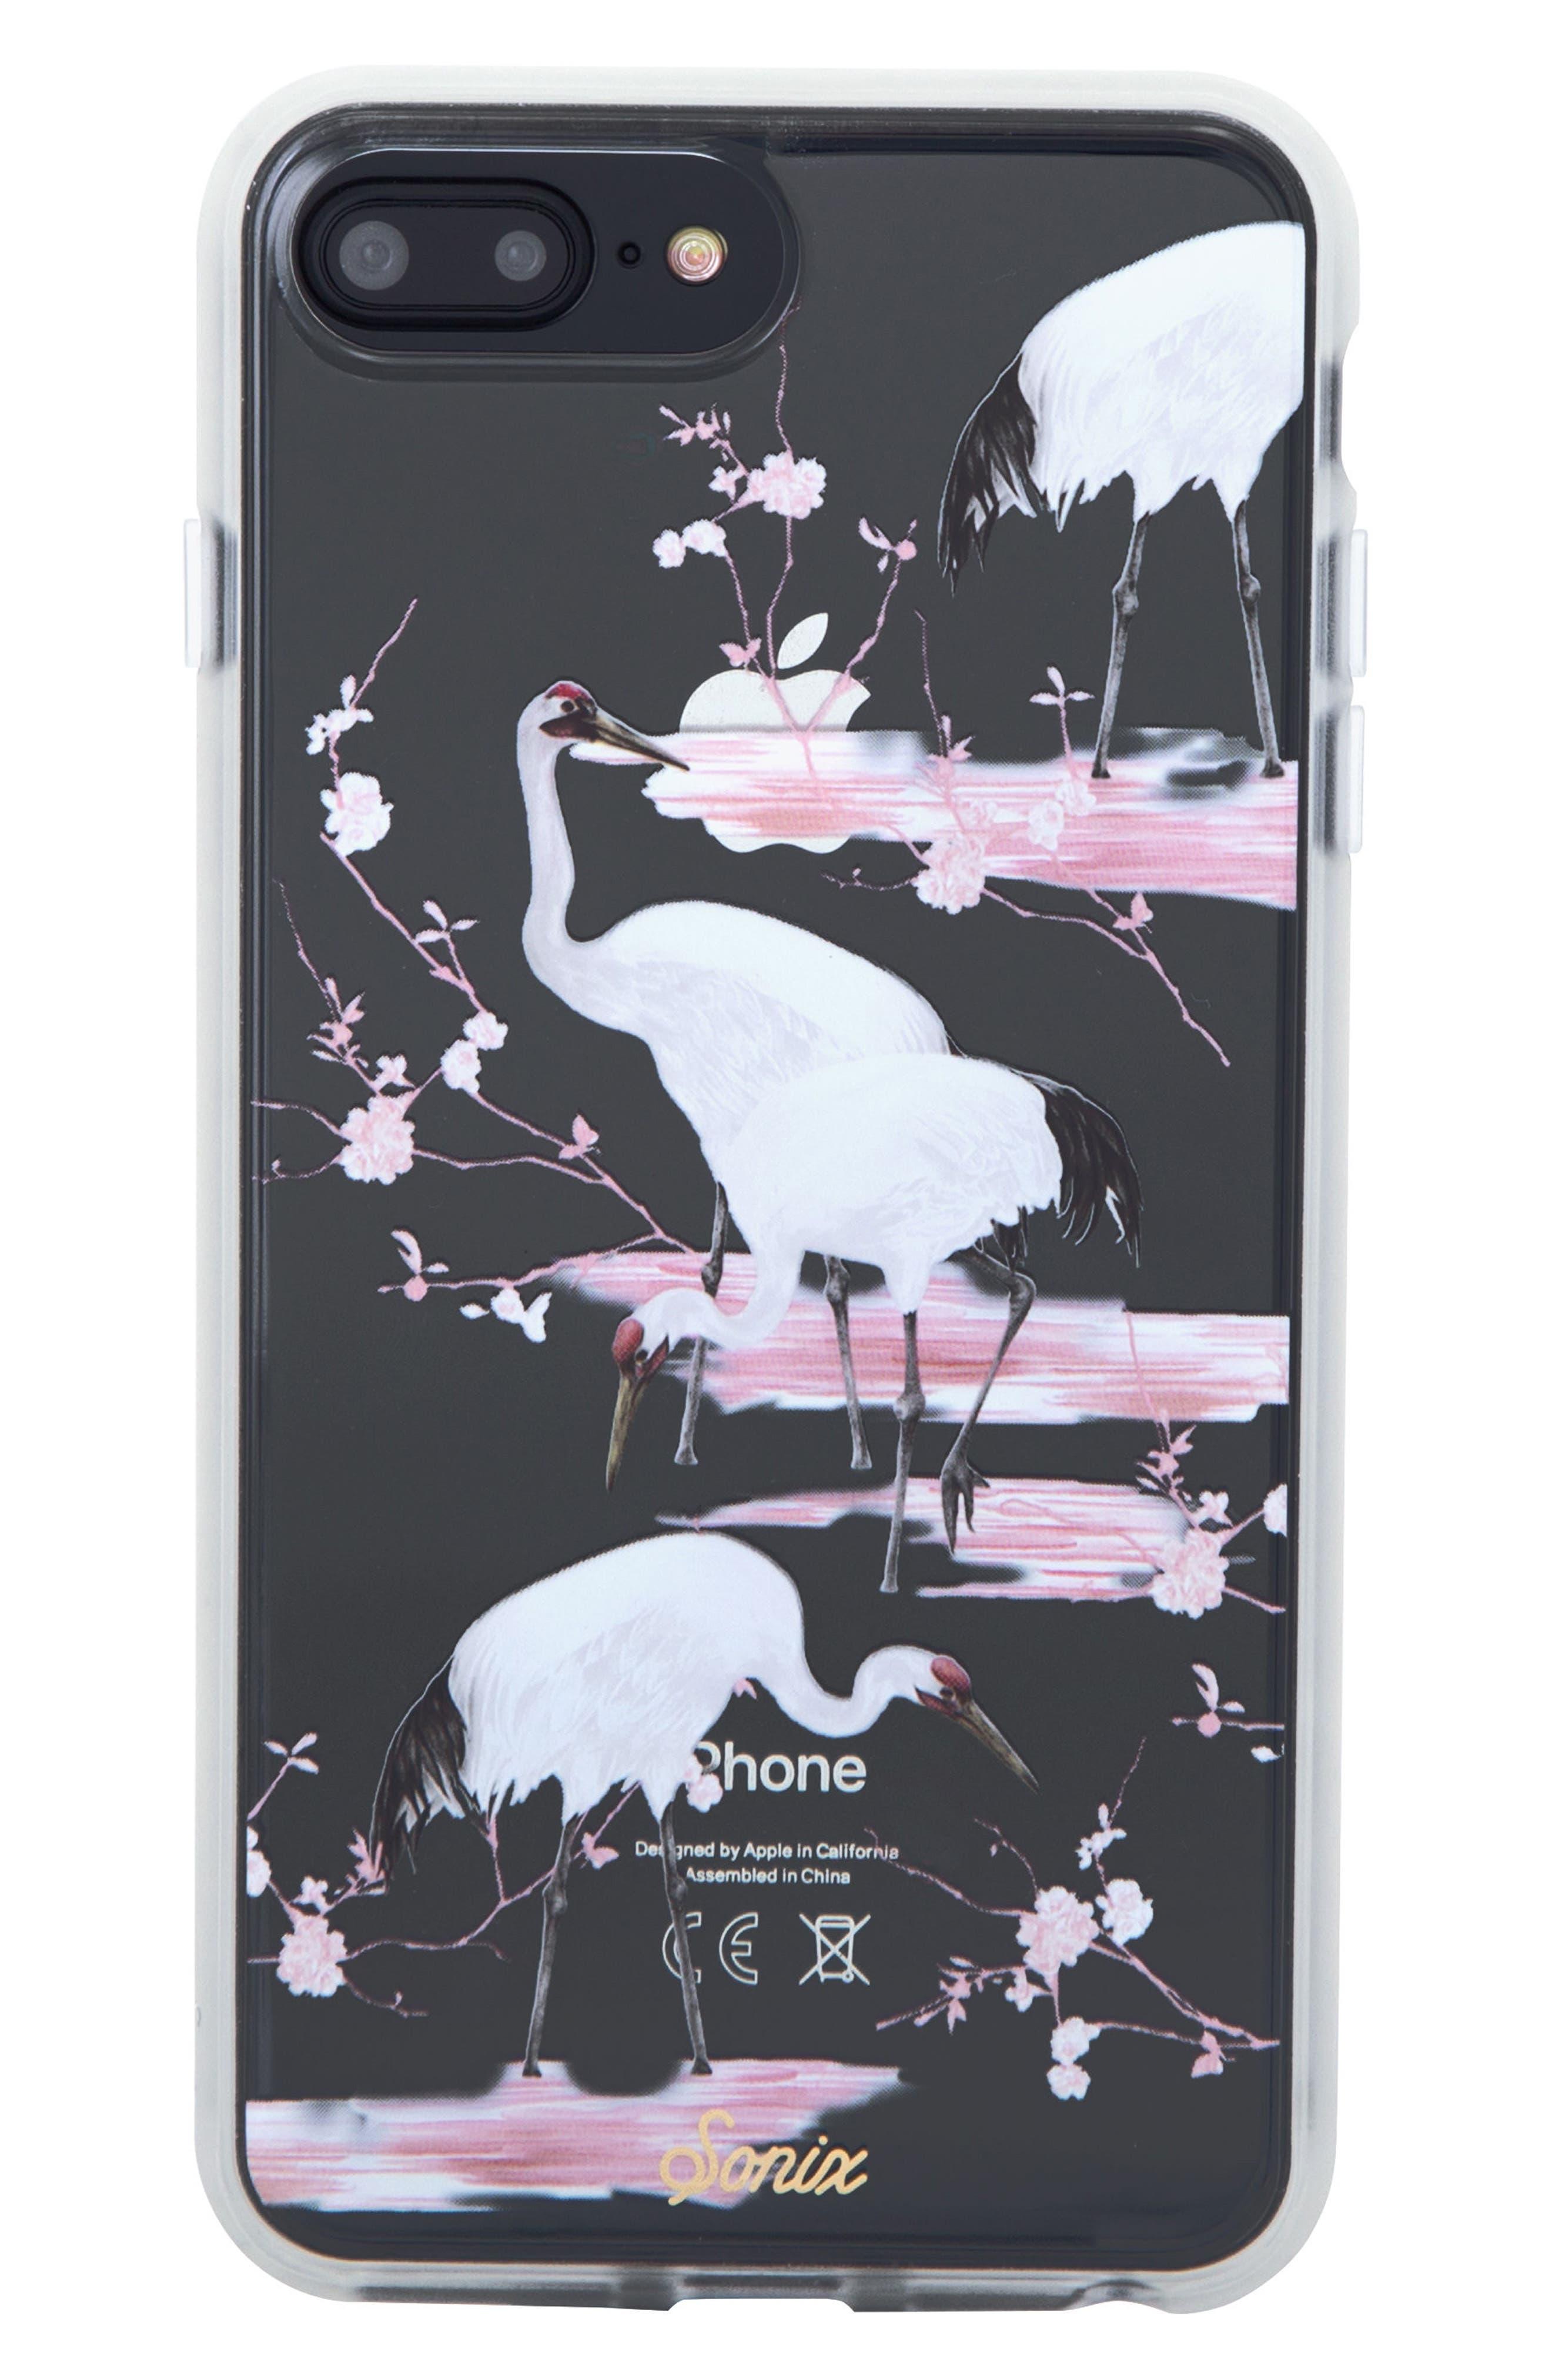 Crane iPhone 6/6s/7/8 Plus Case,                             Main thumbnail 1, color,                             100